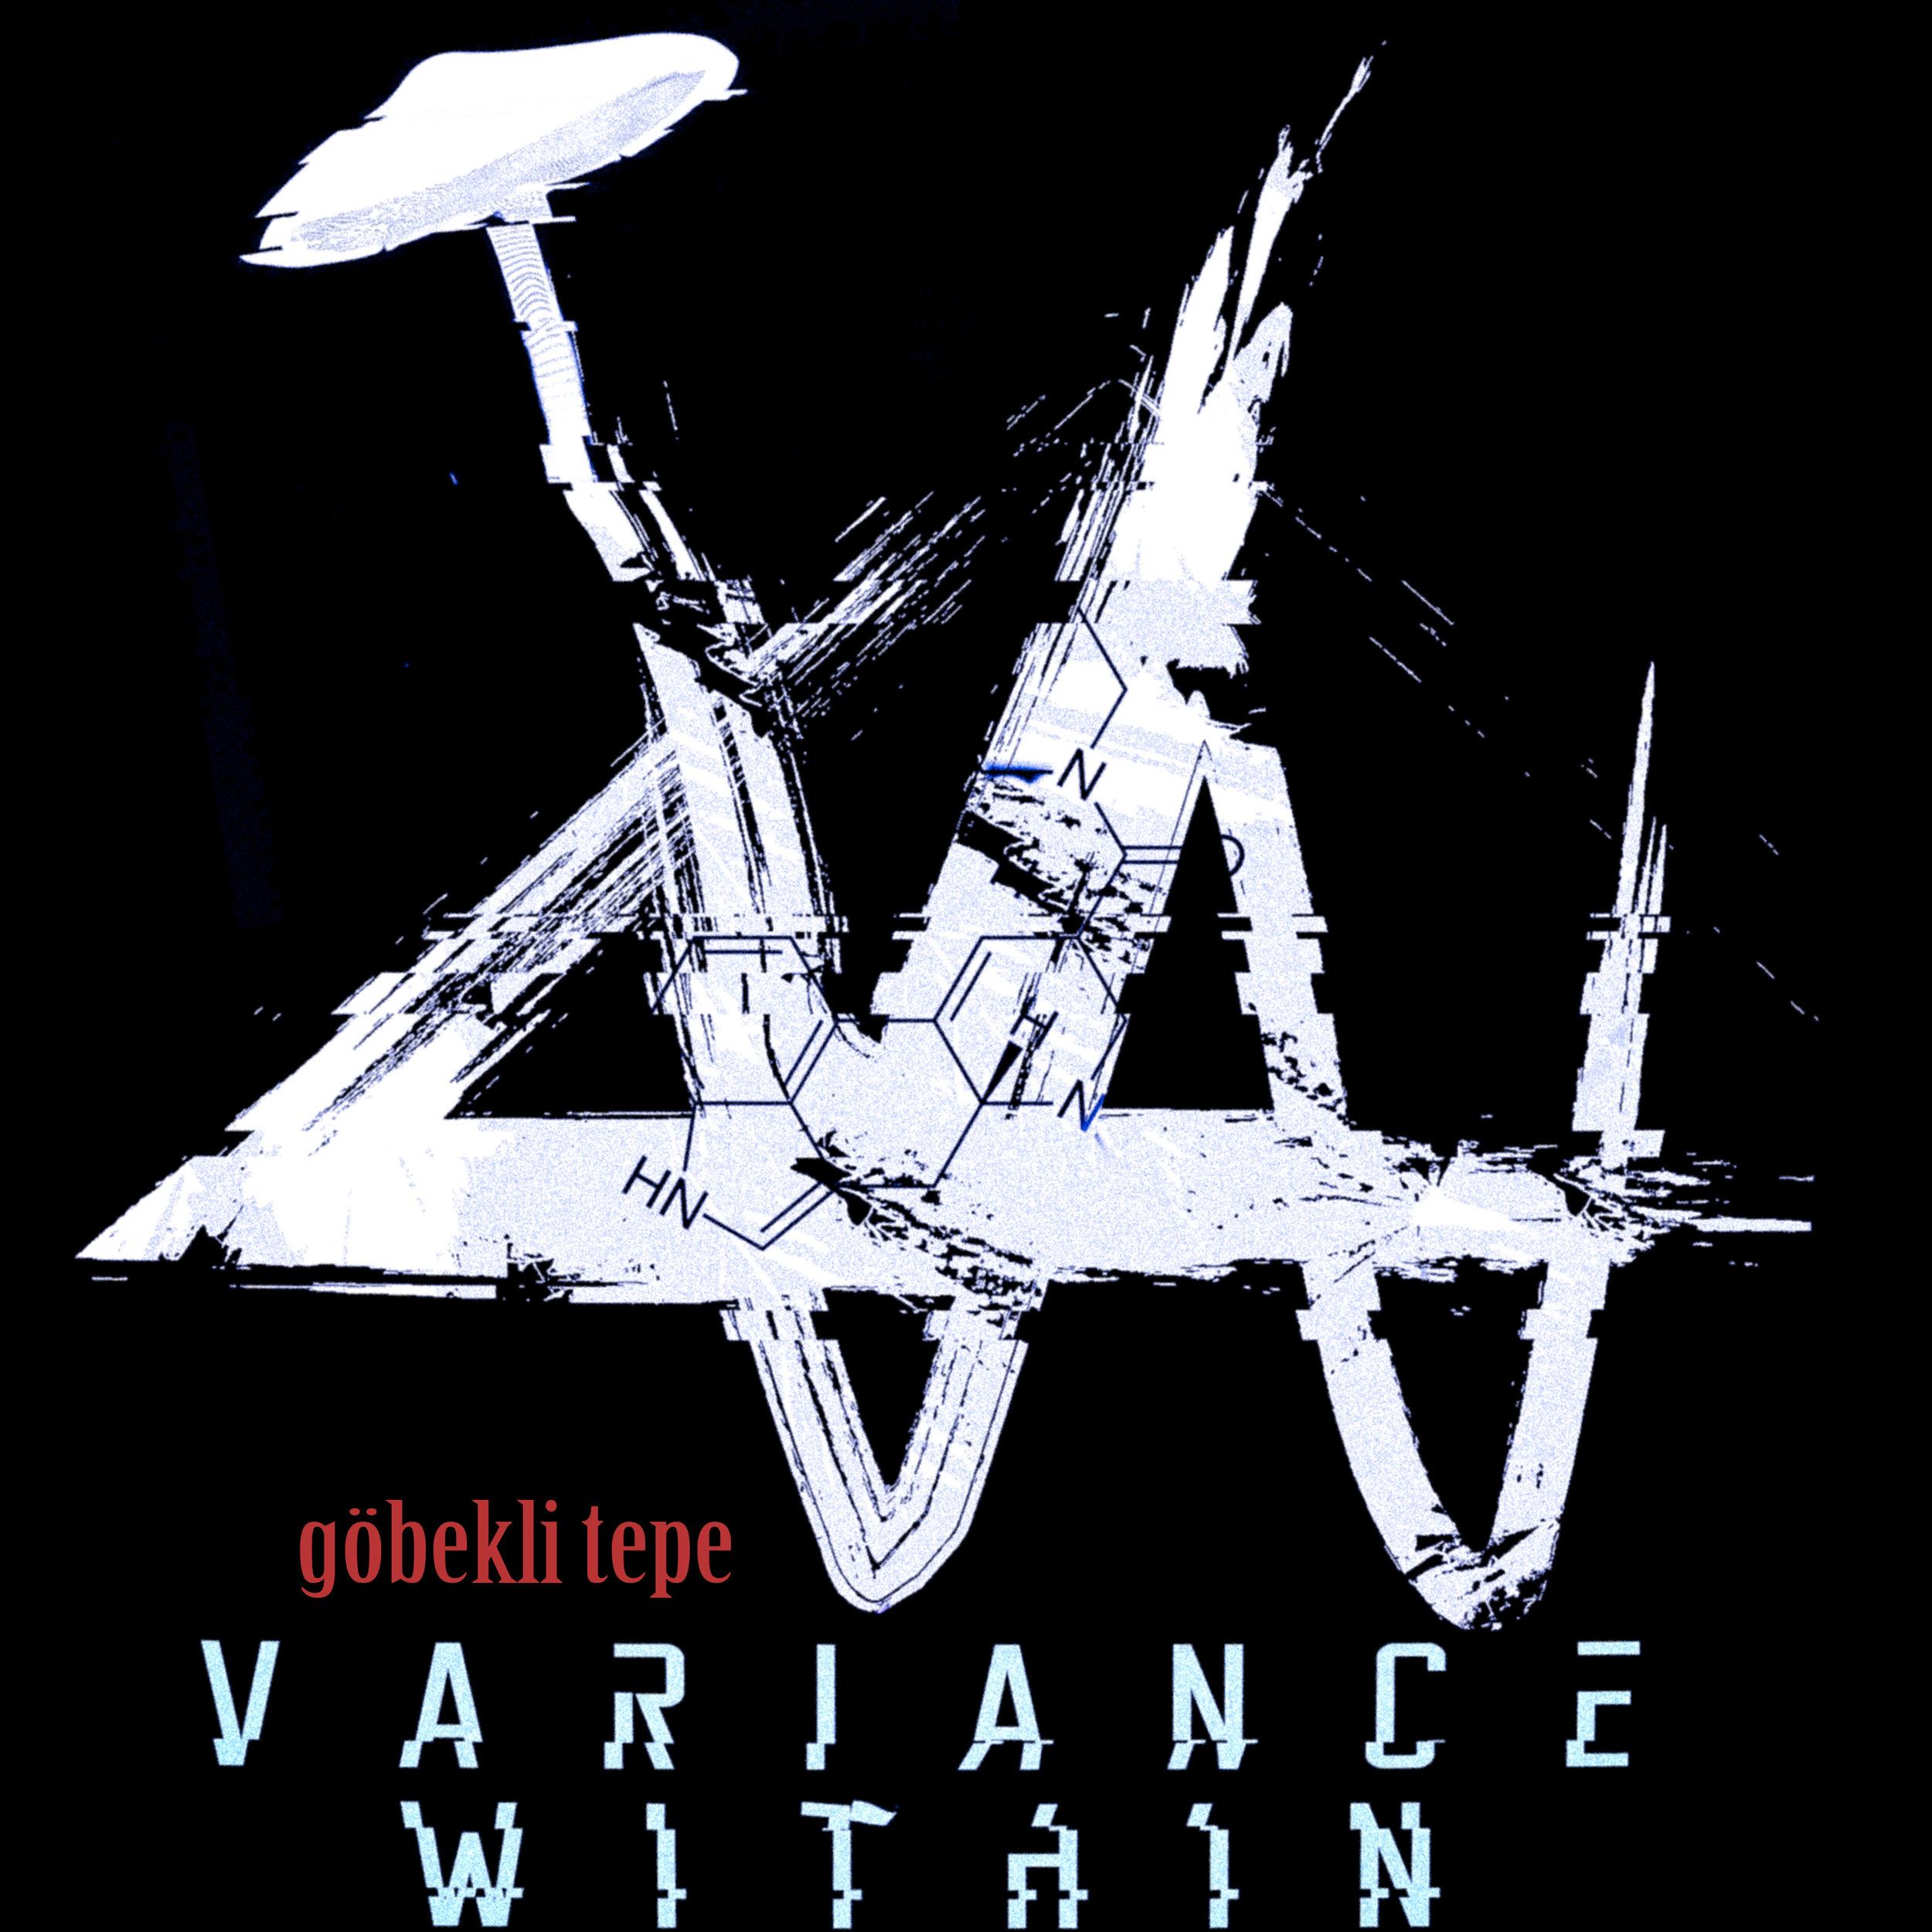 gobekli-tepe-album-psilocibin-02.jpg